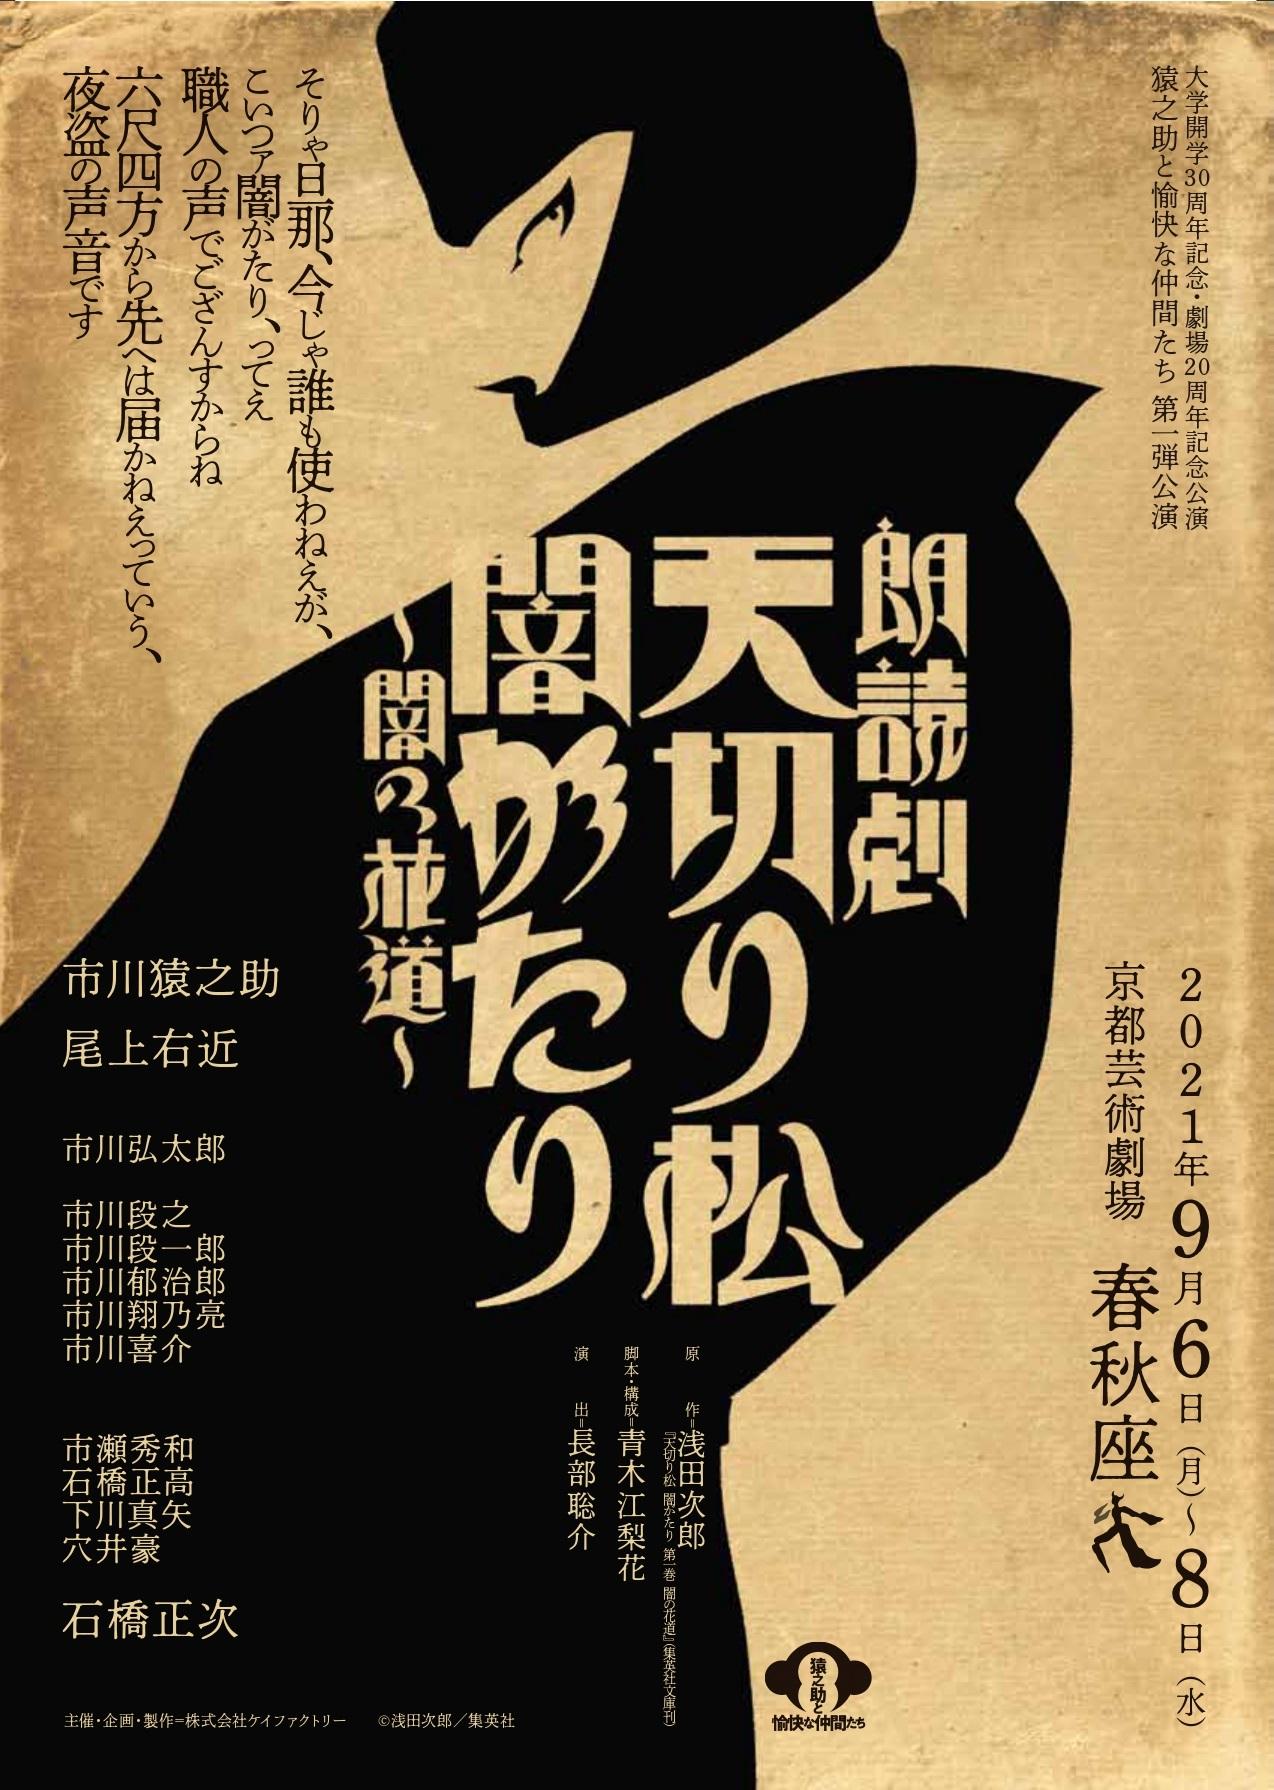 朗読劇「天切り松 闇がたり〜闇の花道〜」